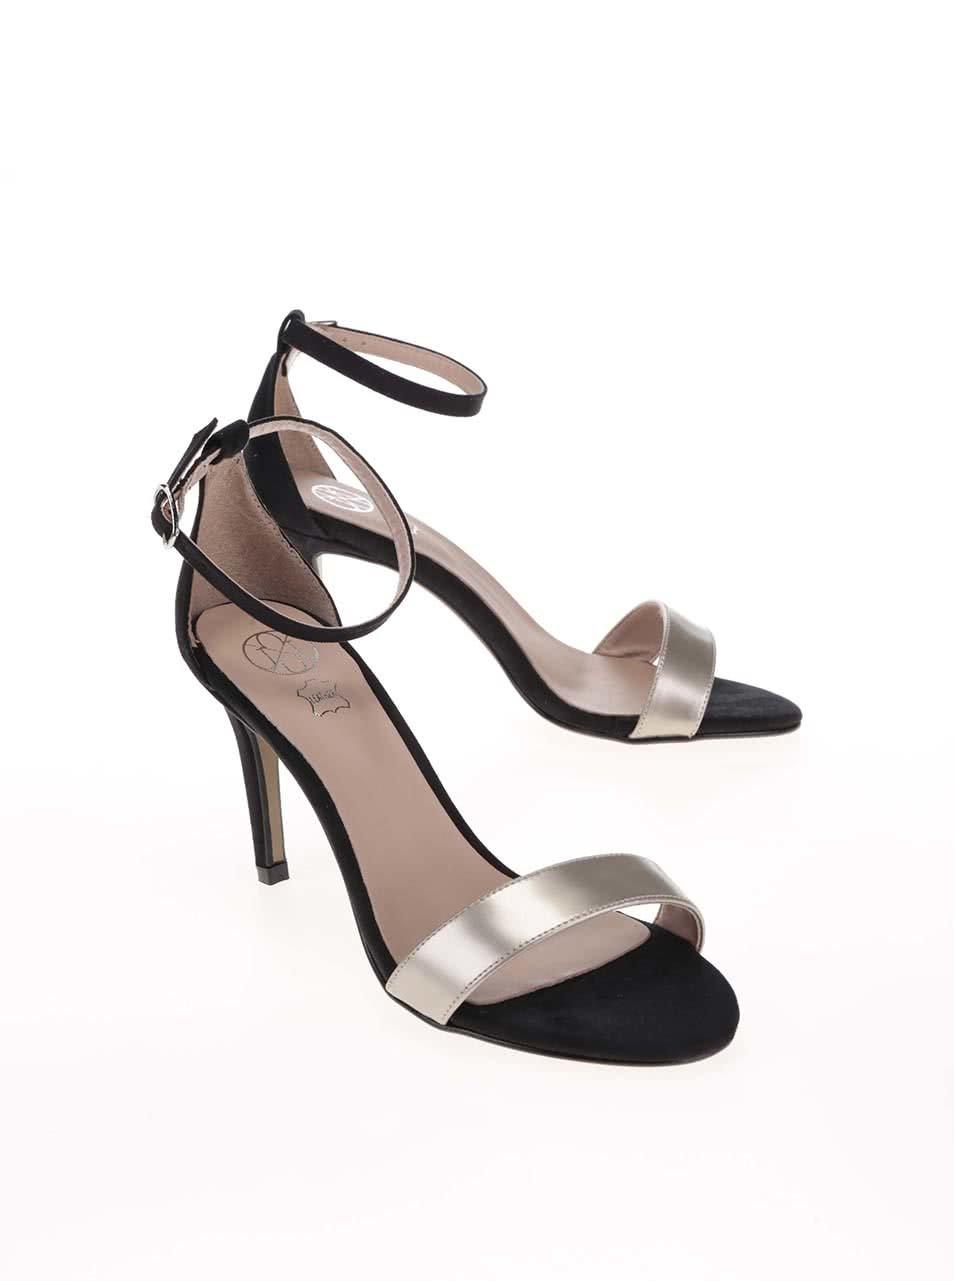 a58f96c66 Čierne sandále na podpätku s remienkom v striebornej farbe OJJU ...